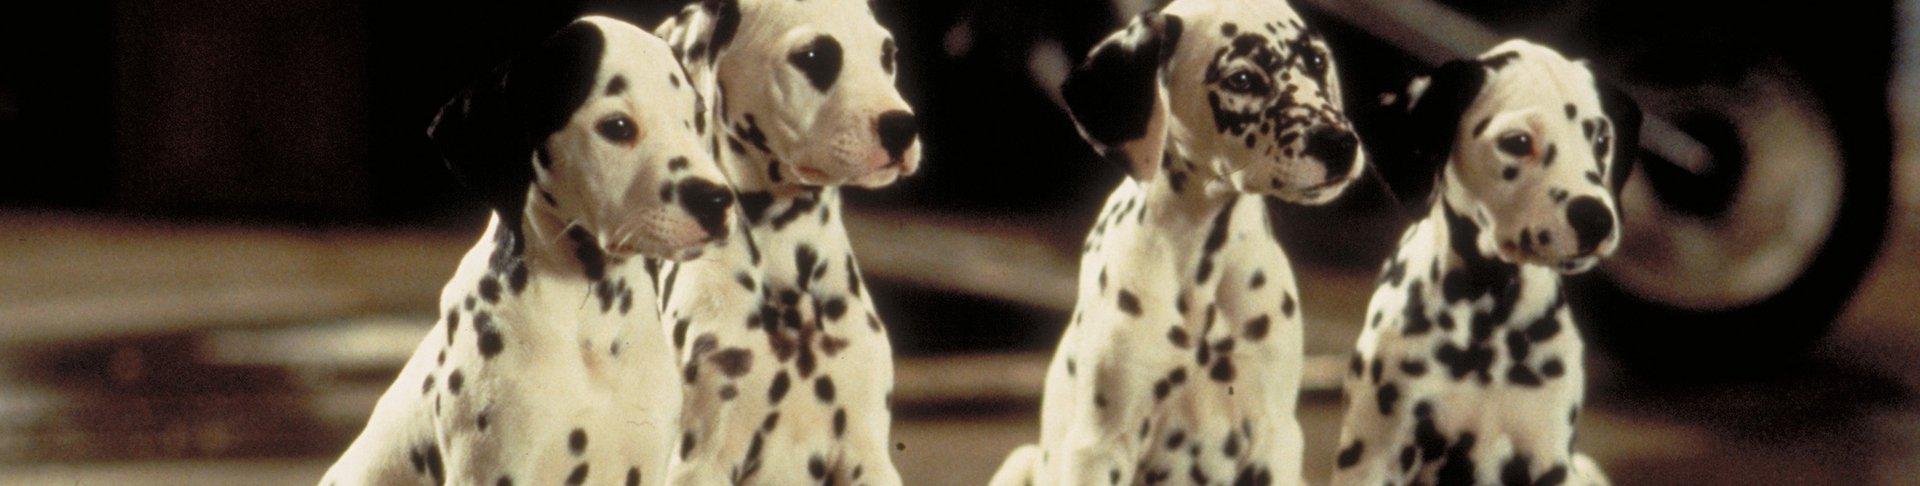 059 101 Dalmatians 1996 Shoulder Cats Radio